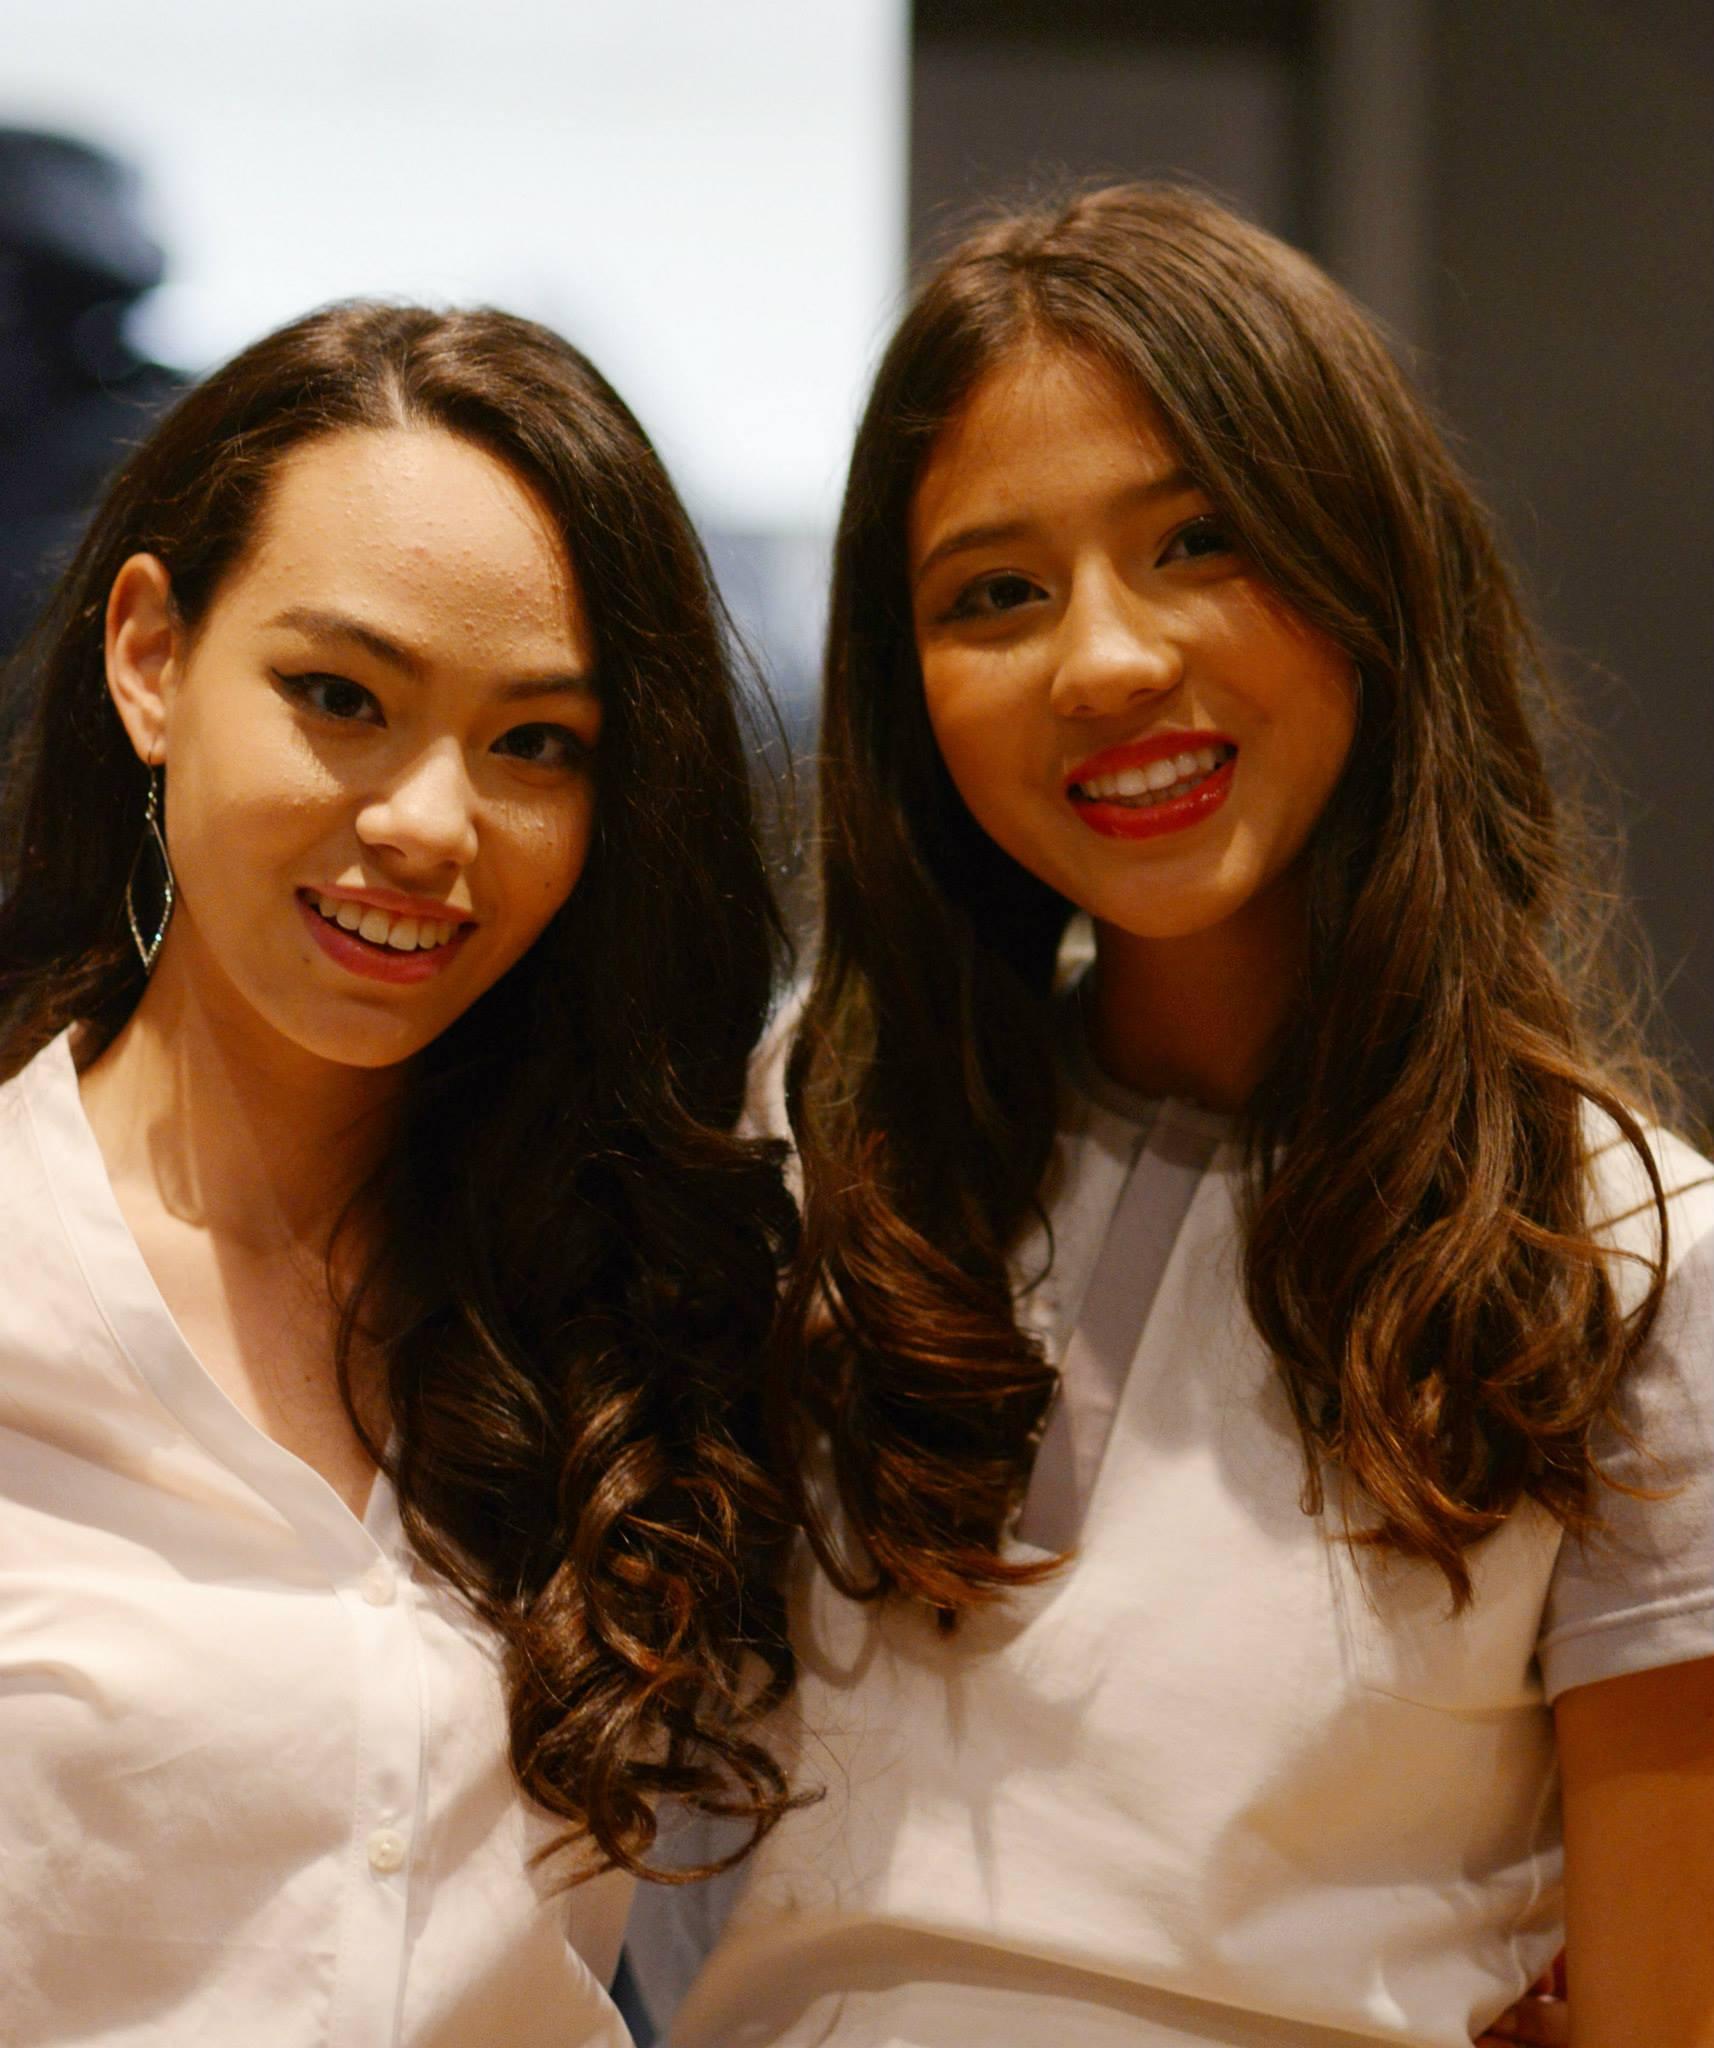 Models: Lianne & Natalya   Photography: Jasmine Yu